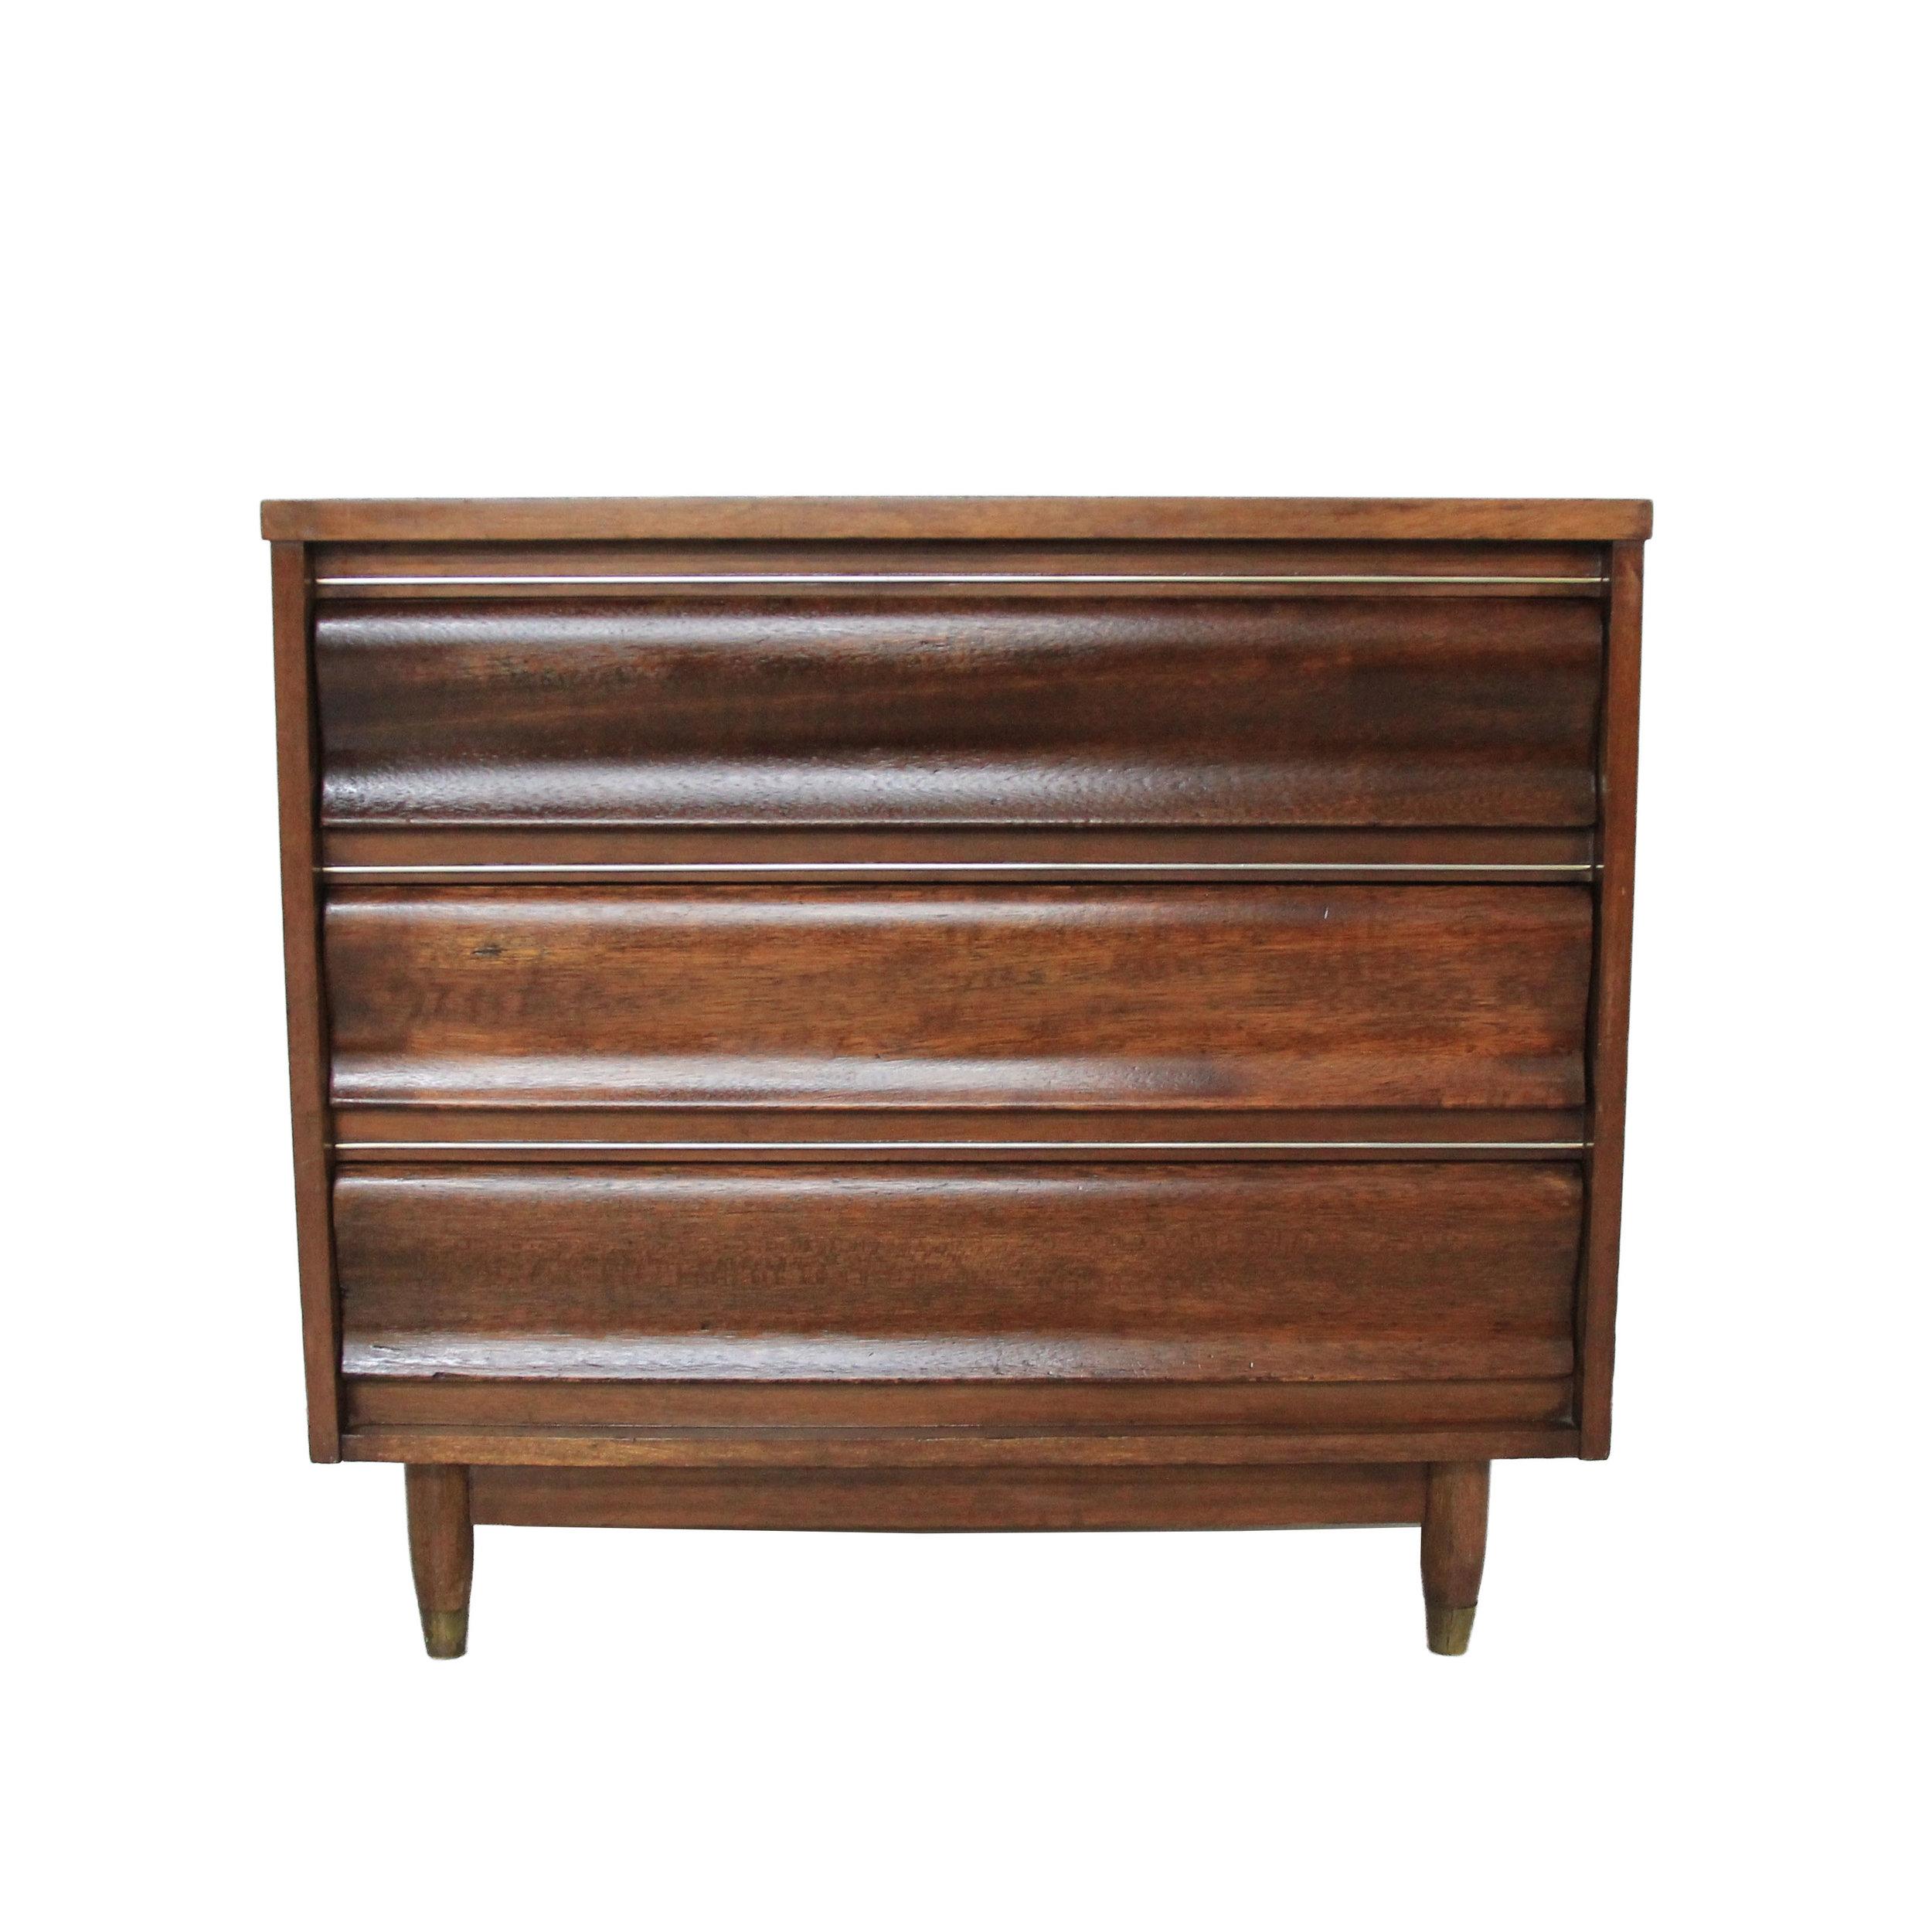 Vintage Mid Century Modern 3 Drawer Dresser by United